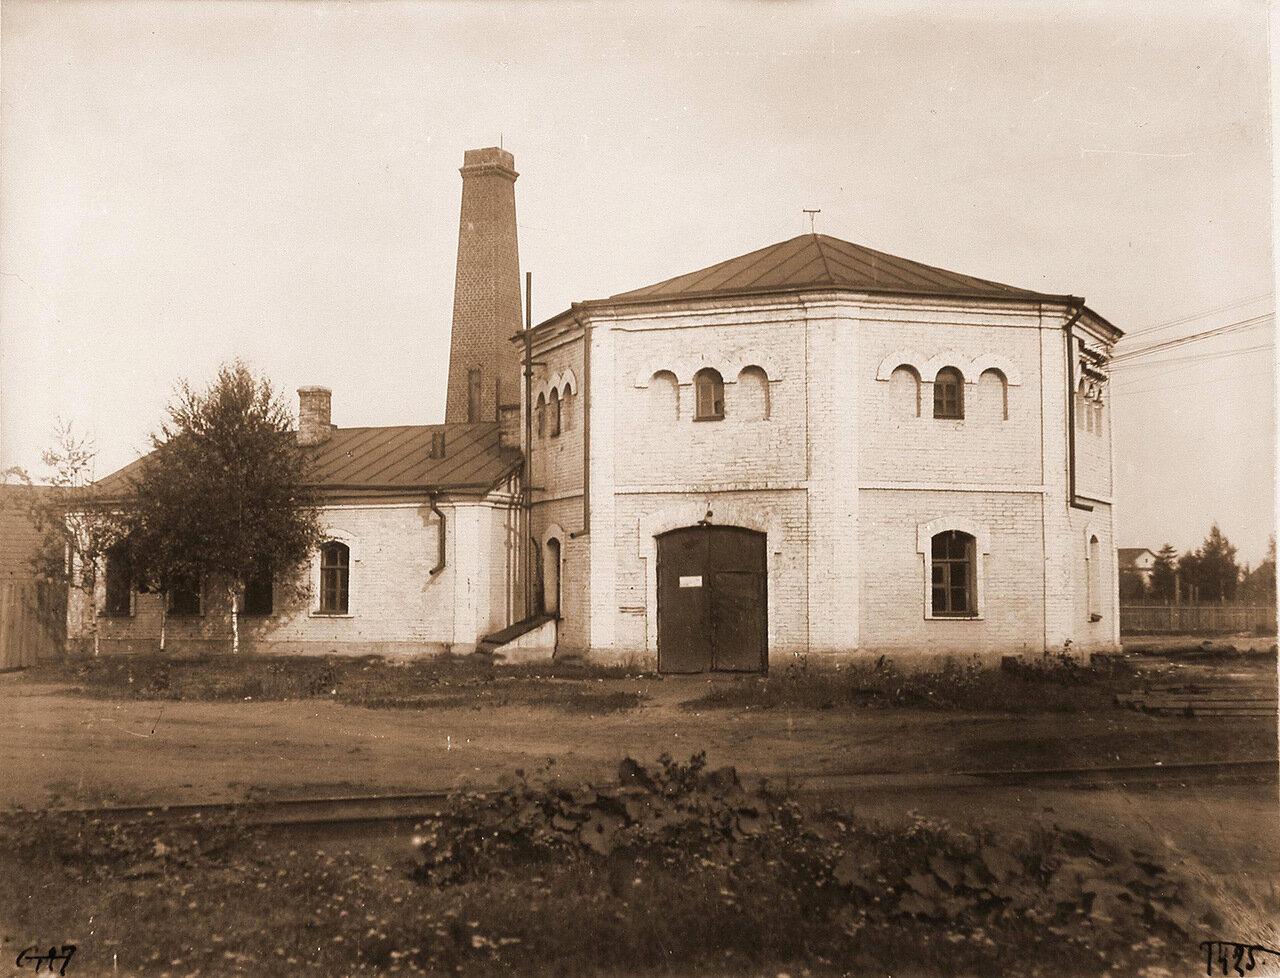 Псковская губерния. Псков. 257 верста. Вид здания, где размещалась электрическая станция